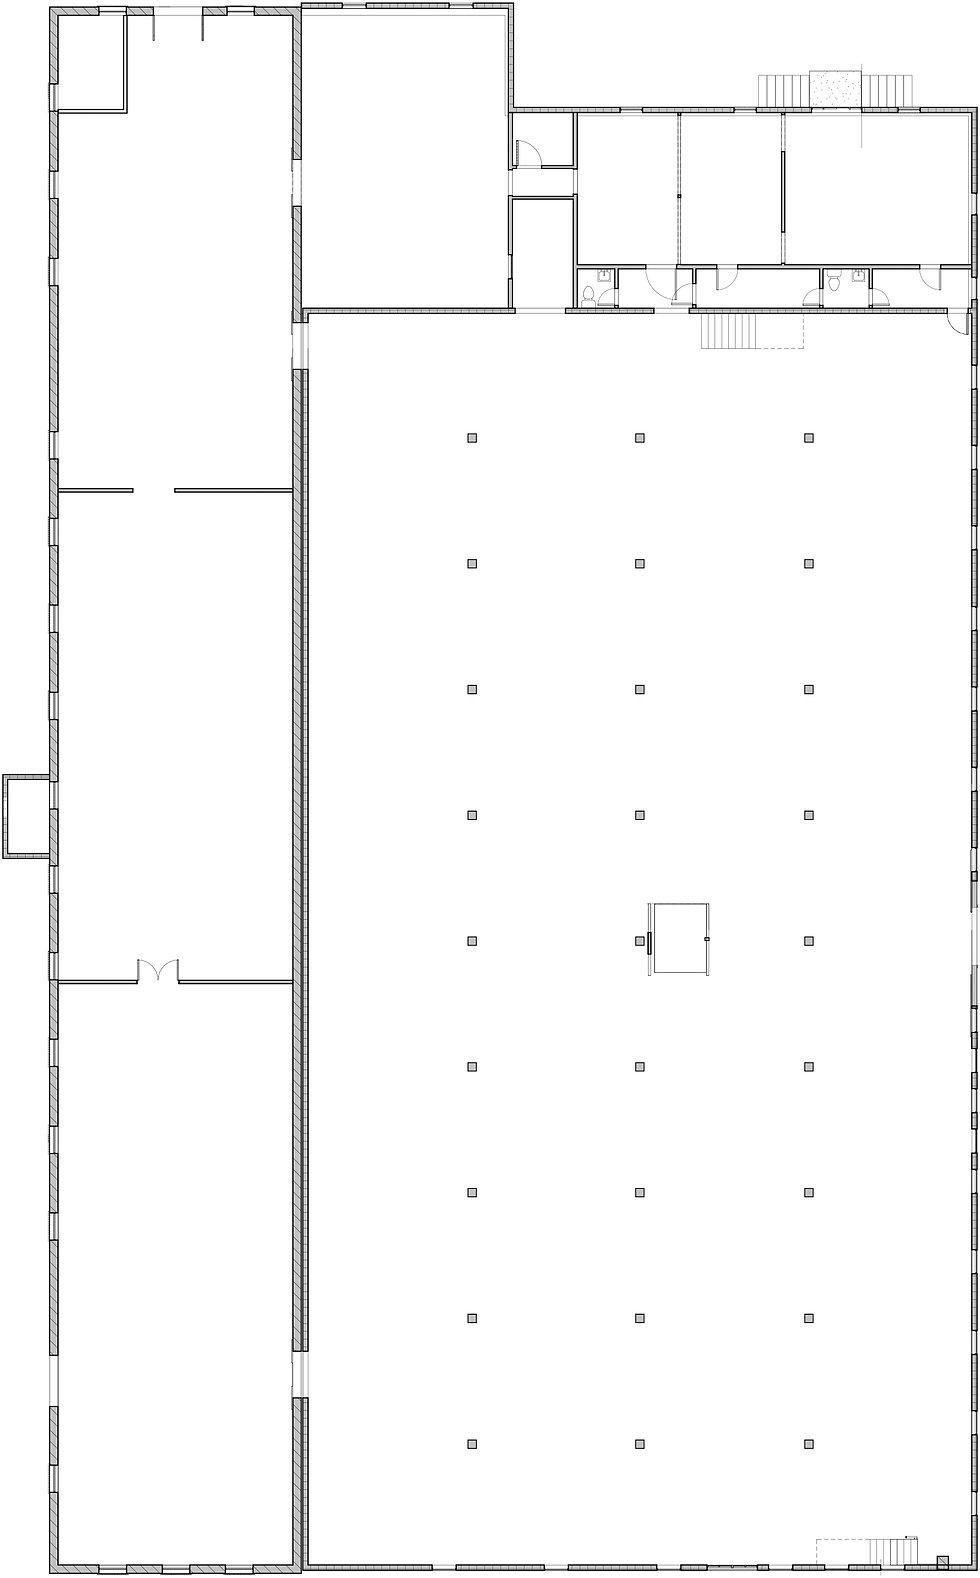 Pritchard-Hughes Warehouse - As-Builts -